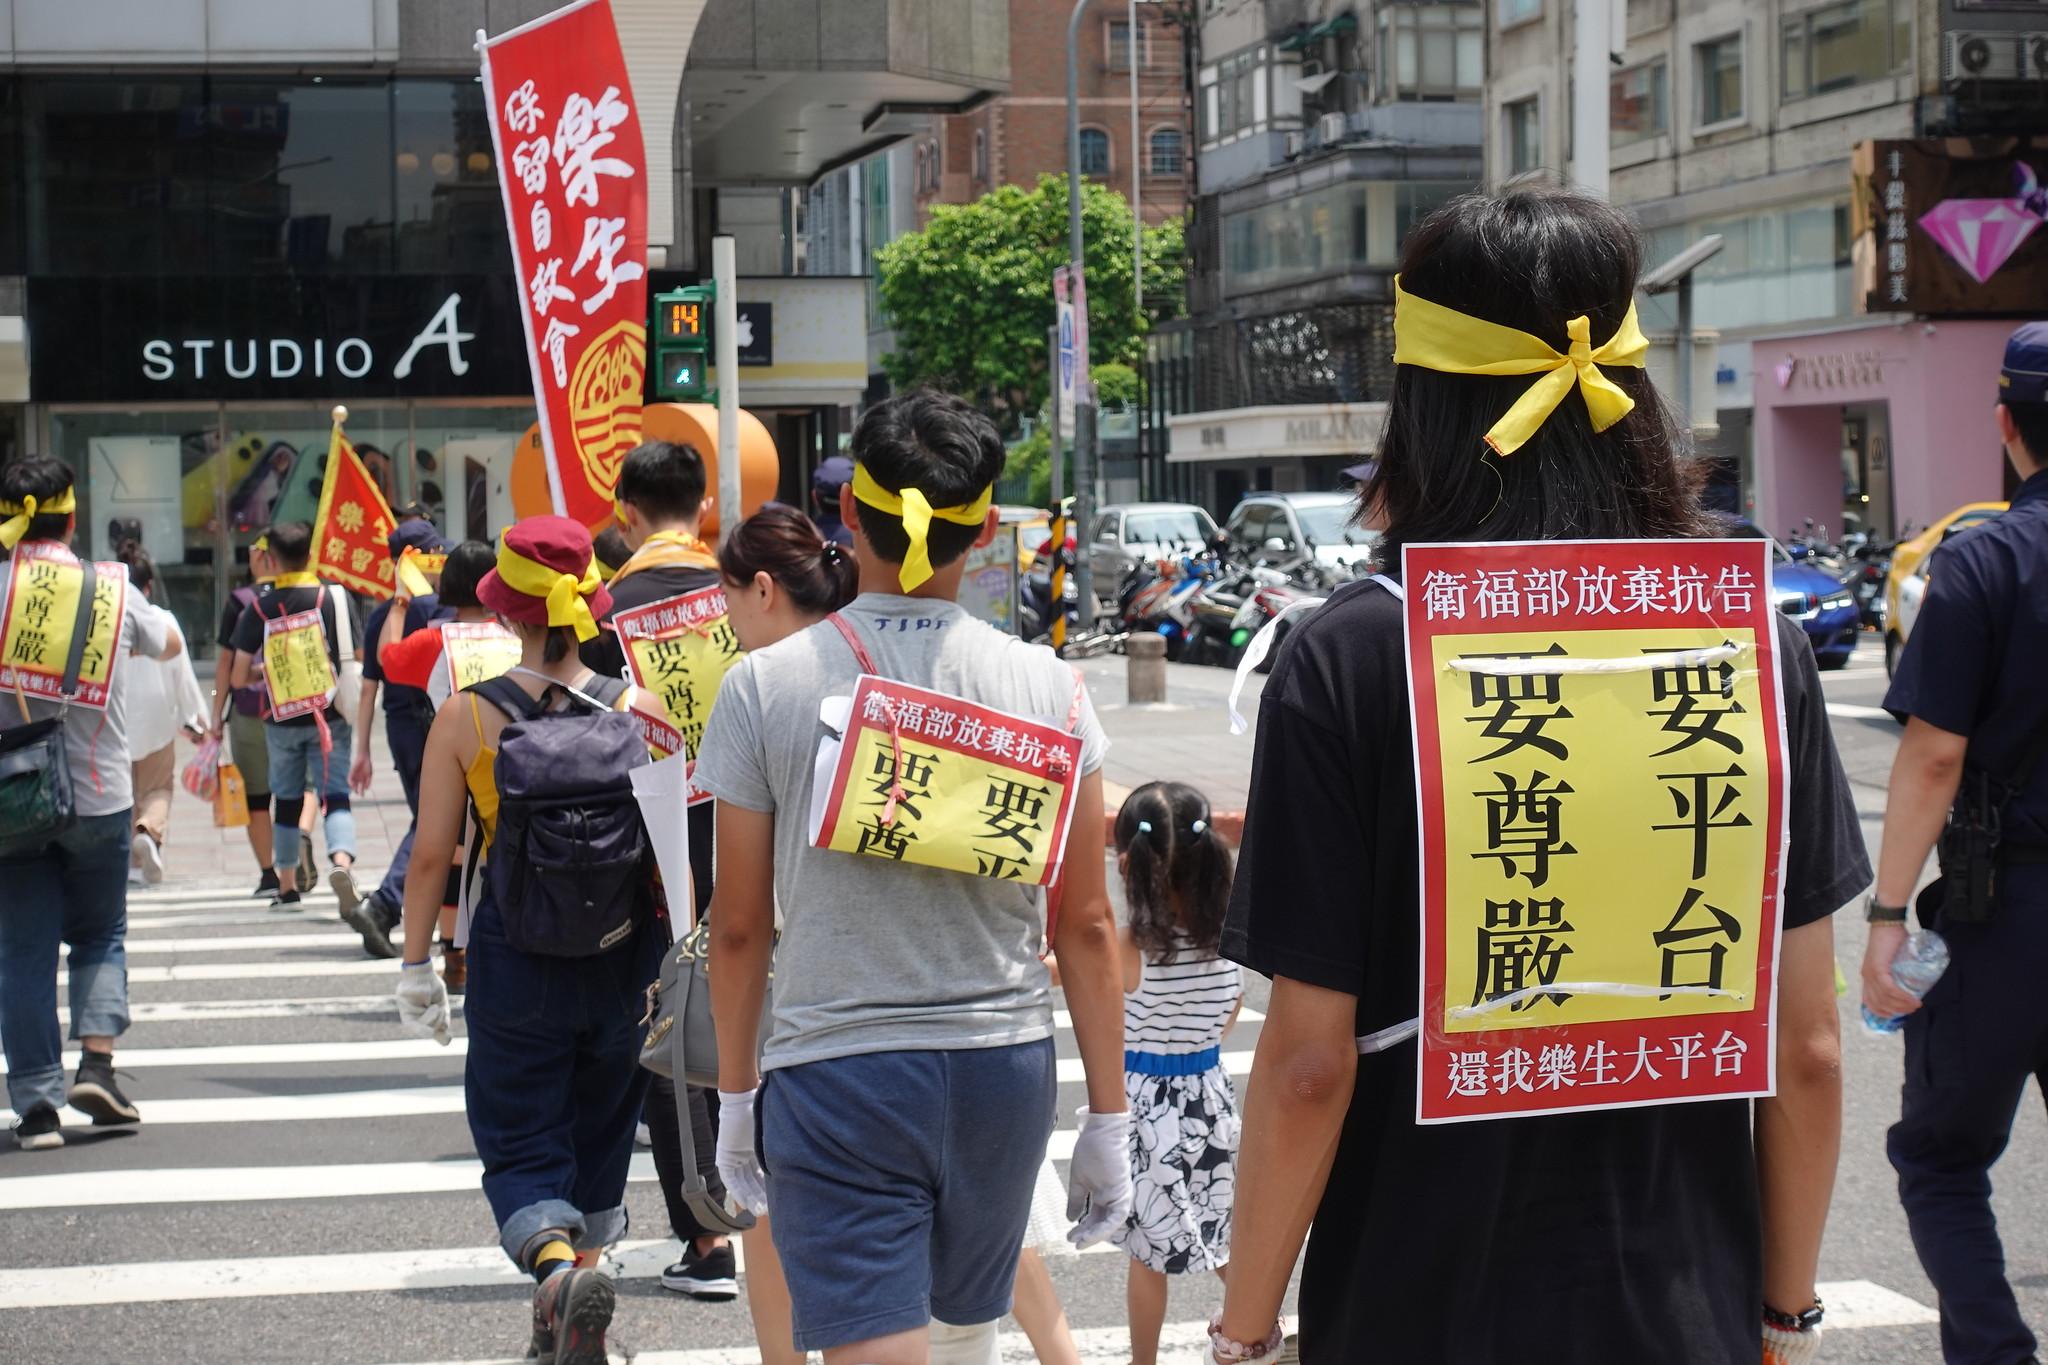 樂青呼籲衛福部放棄抗告,以緩坡大平台方案重建樂生。(攝影:張智琦)